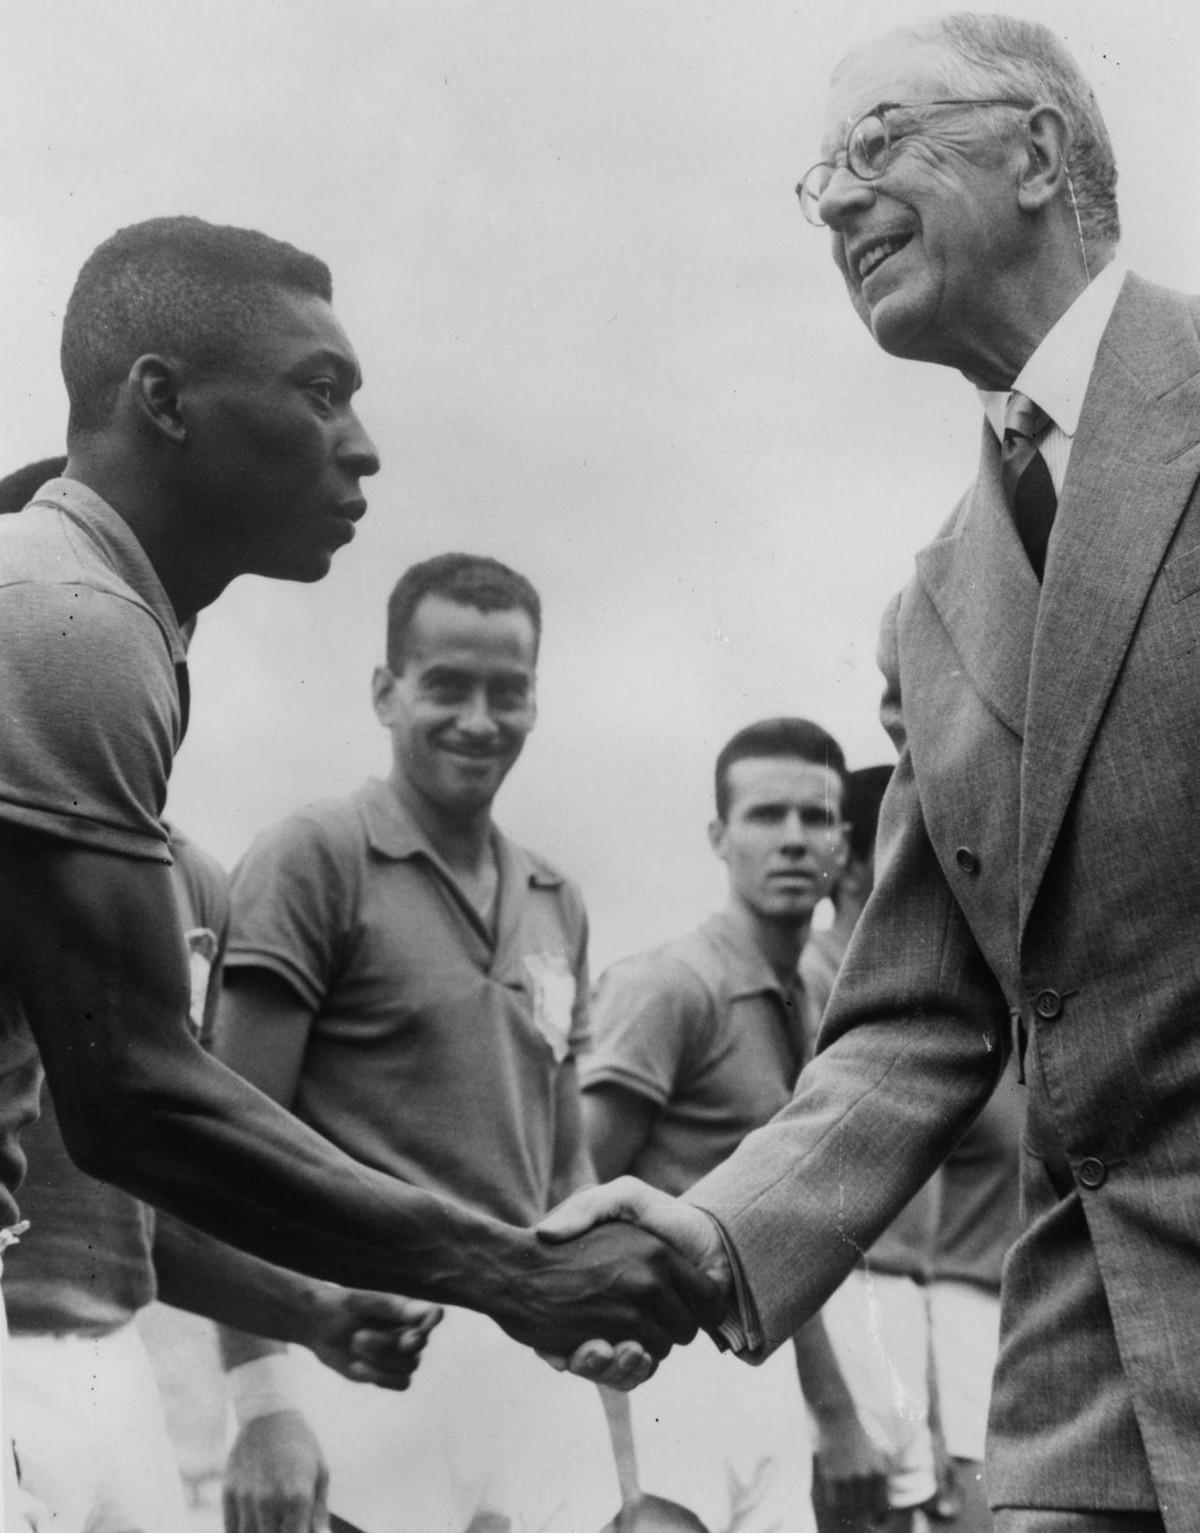 История Короля футбола: как Пеле стал звездой чемпионата мира 12